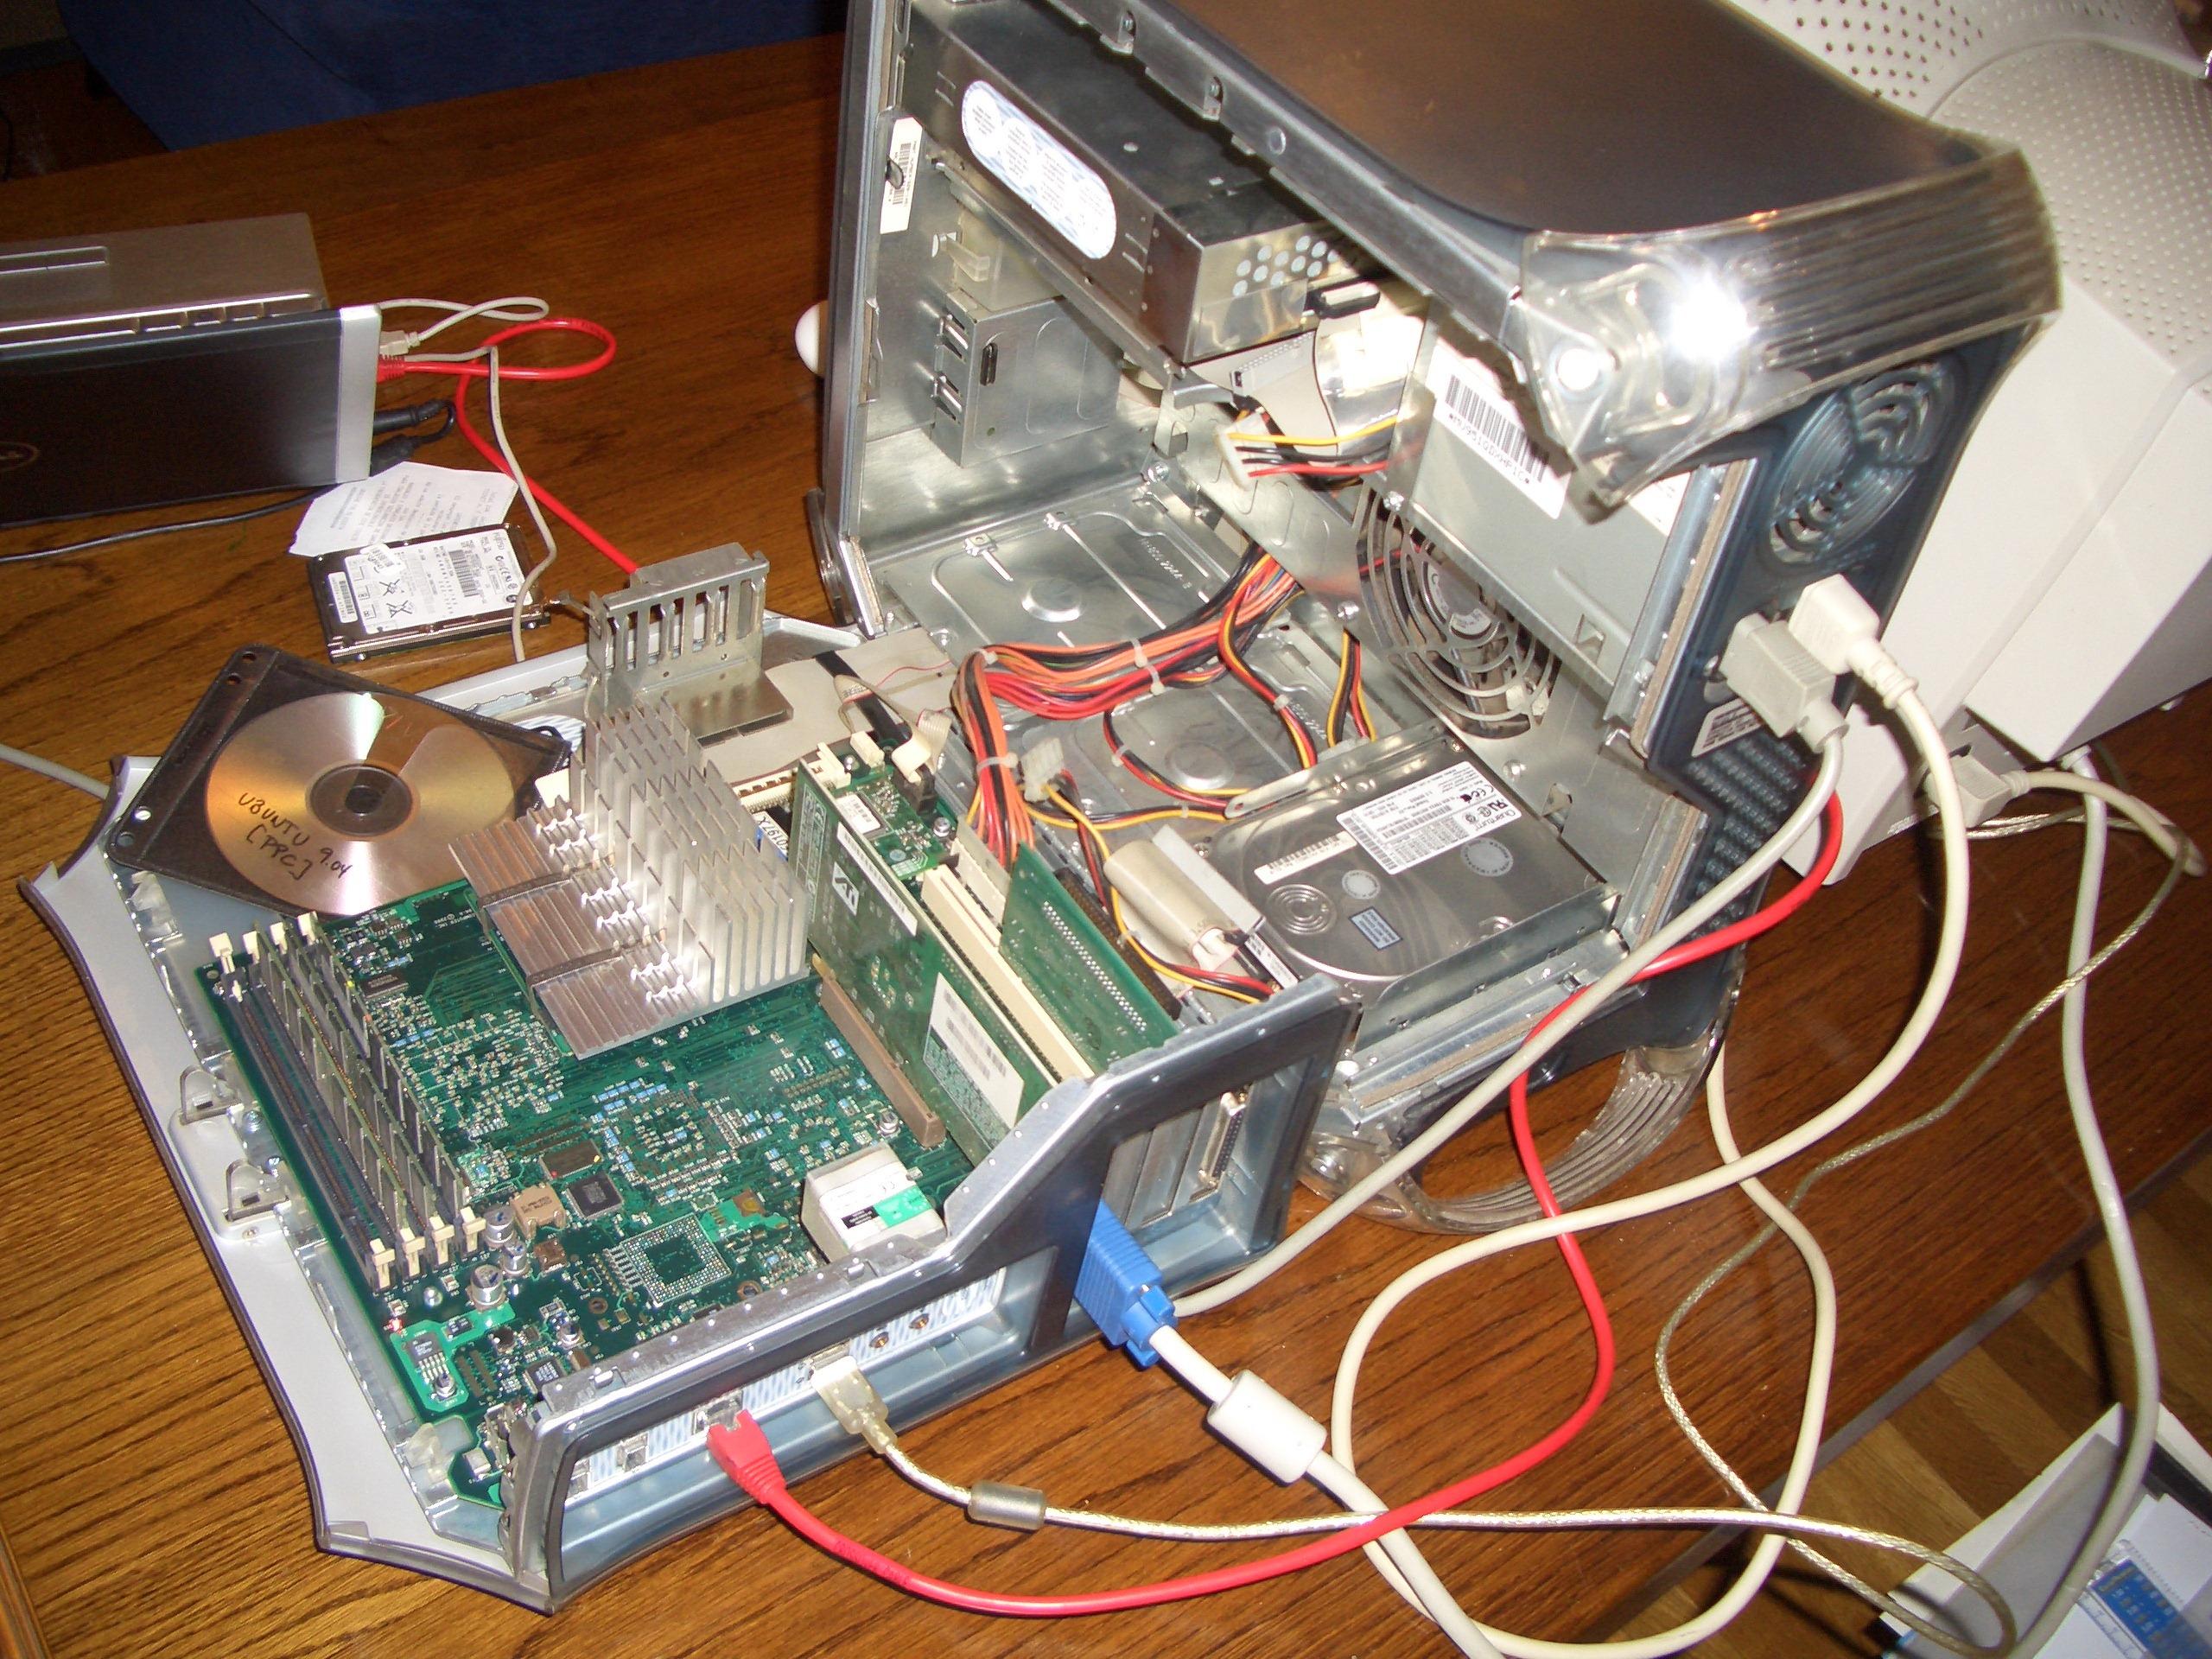 Instalando Ubuntu en un PowerMac G4 – La masa, el ladrillo, la bota ...